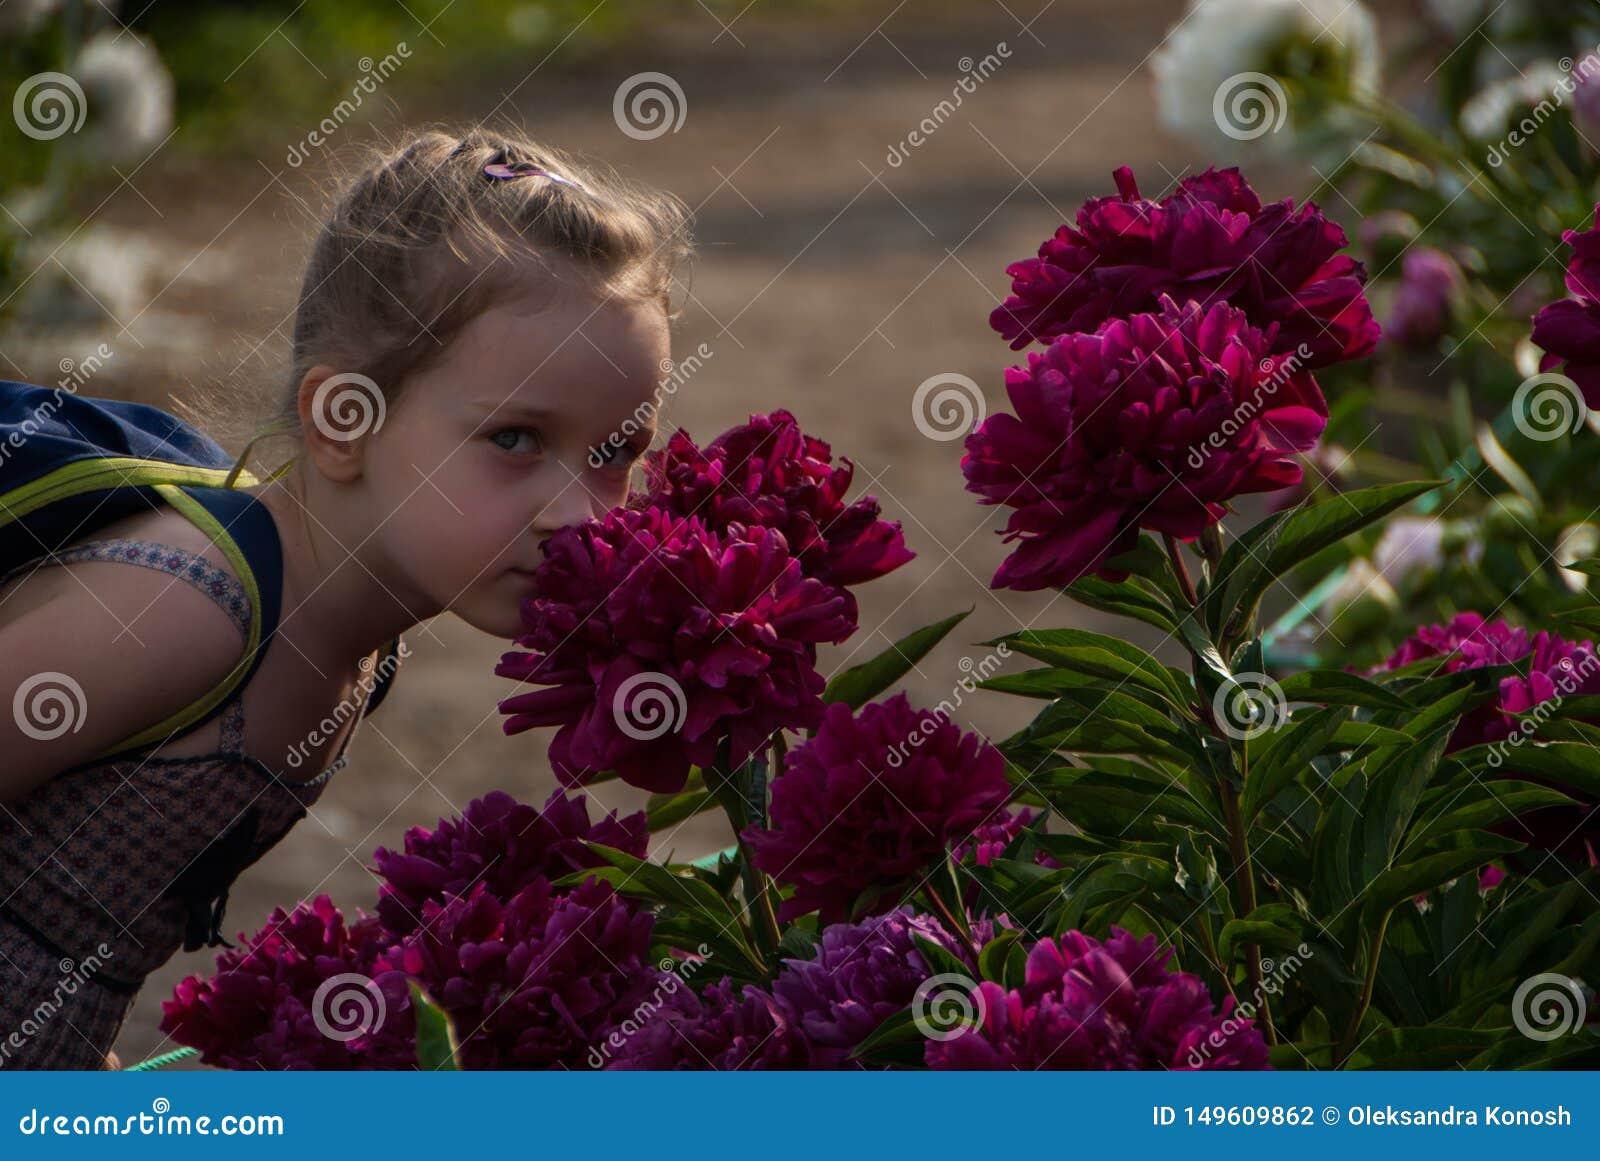 Petite gentille fille avec de beaux yeux sentant des fleurs de pivoine en parc